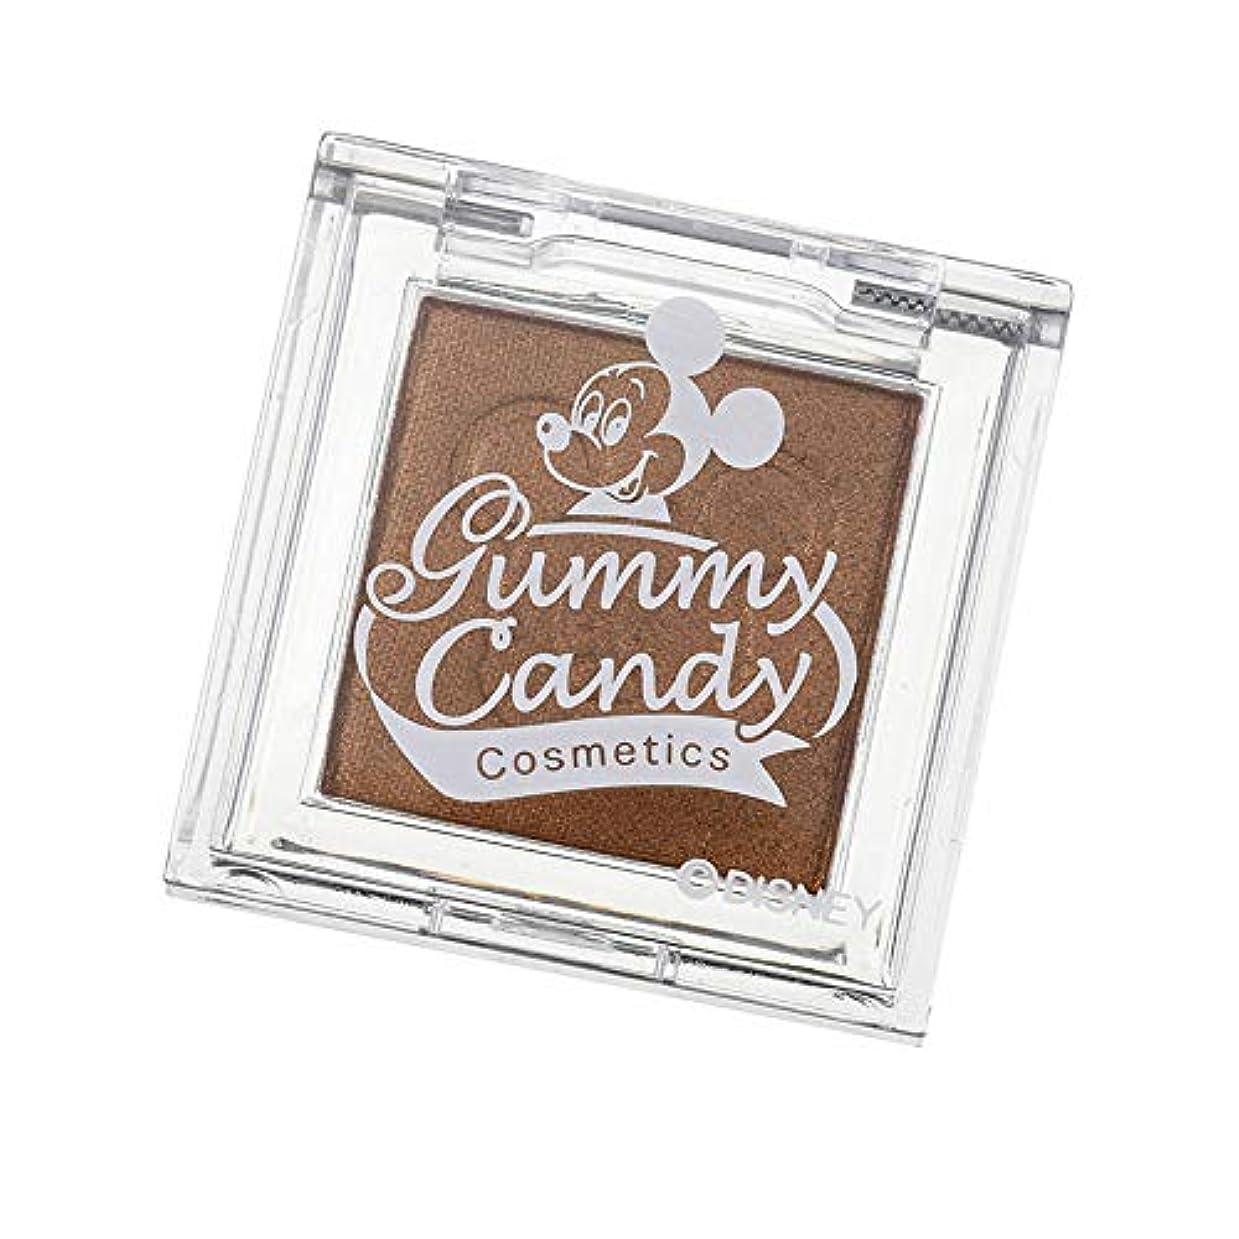 等打倒鳴らすディズニーストア(公式)アイシャドウ ミッキー ブラウン Gummy Candy Cosme